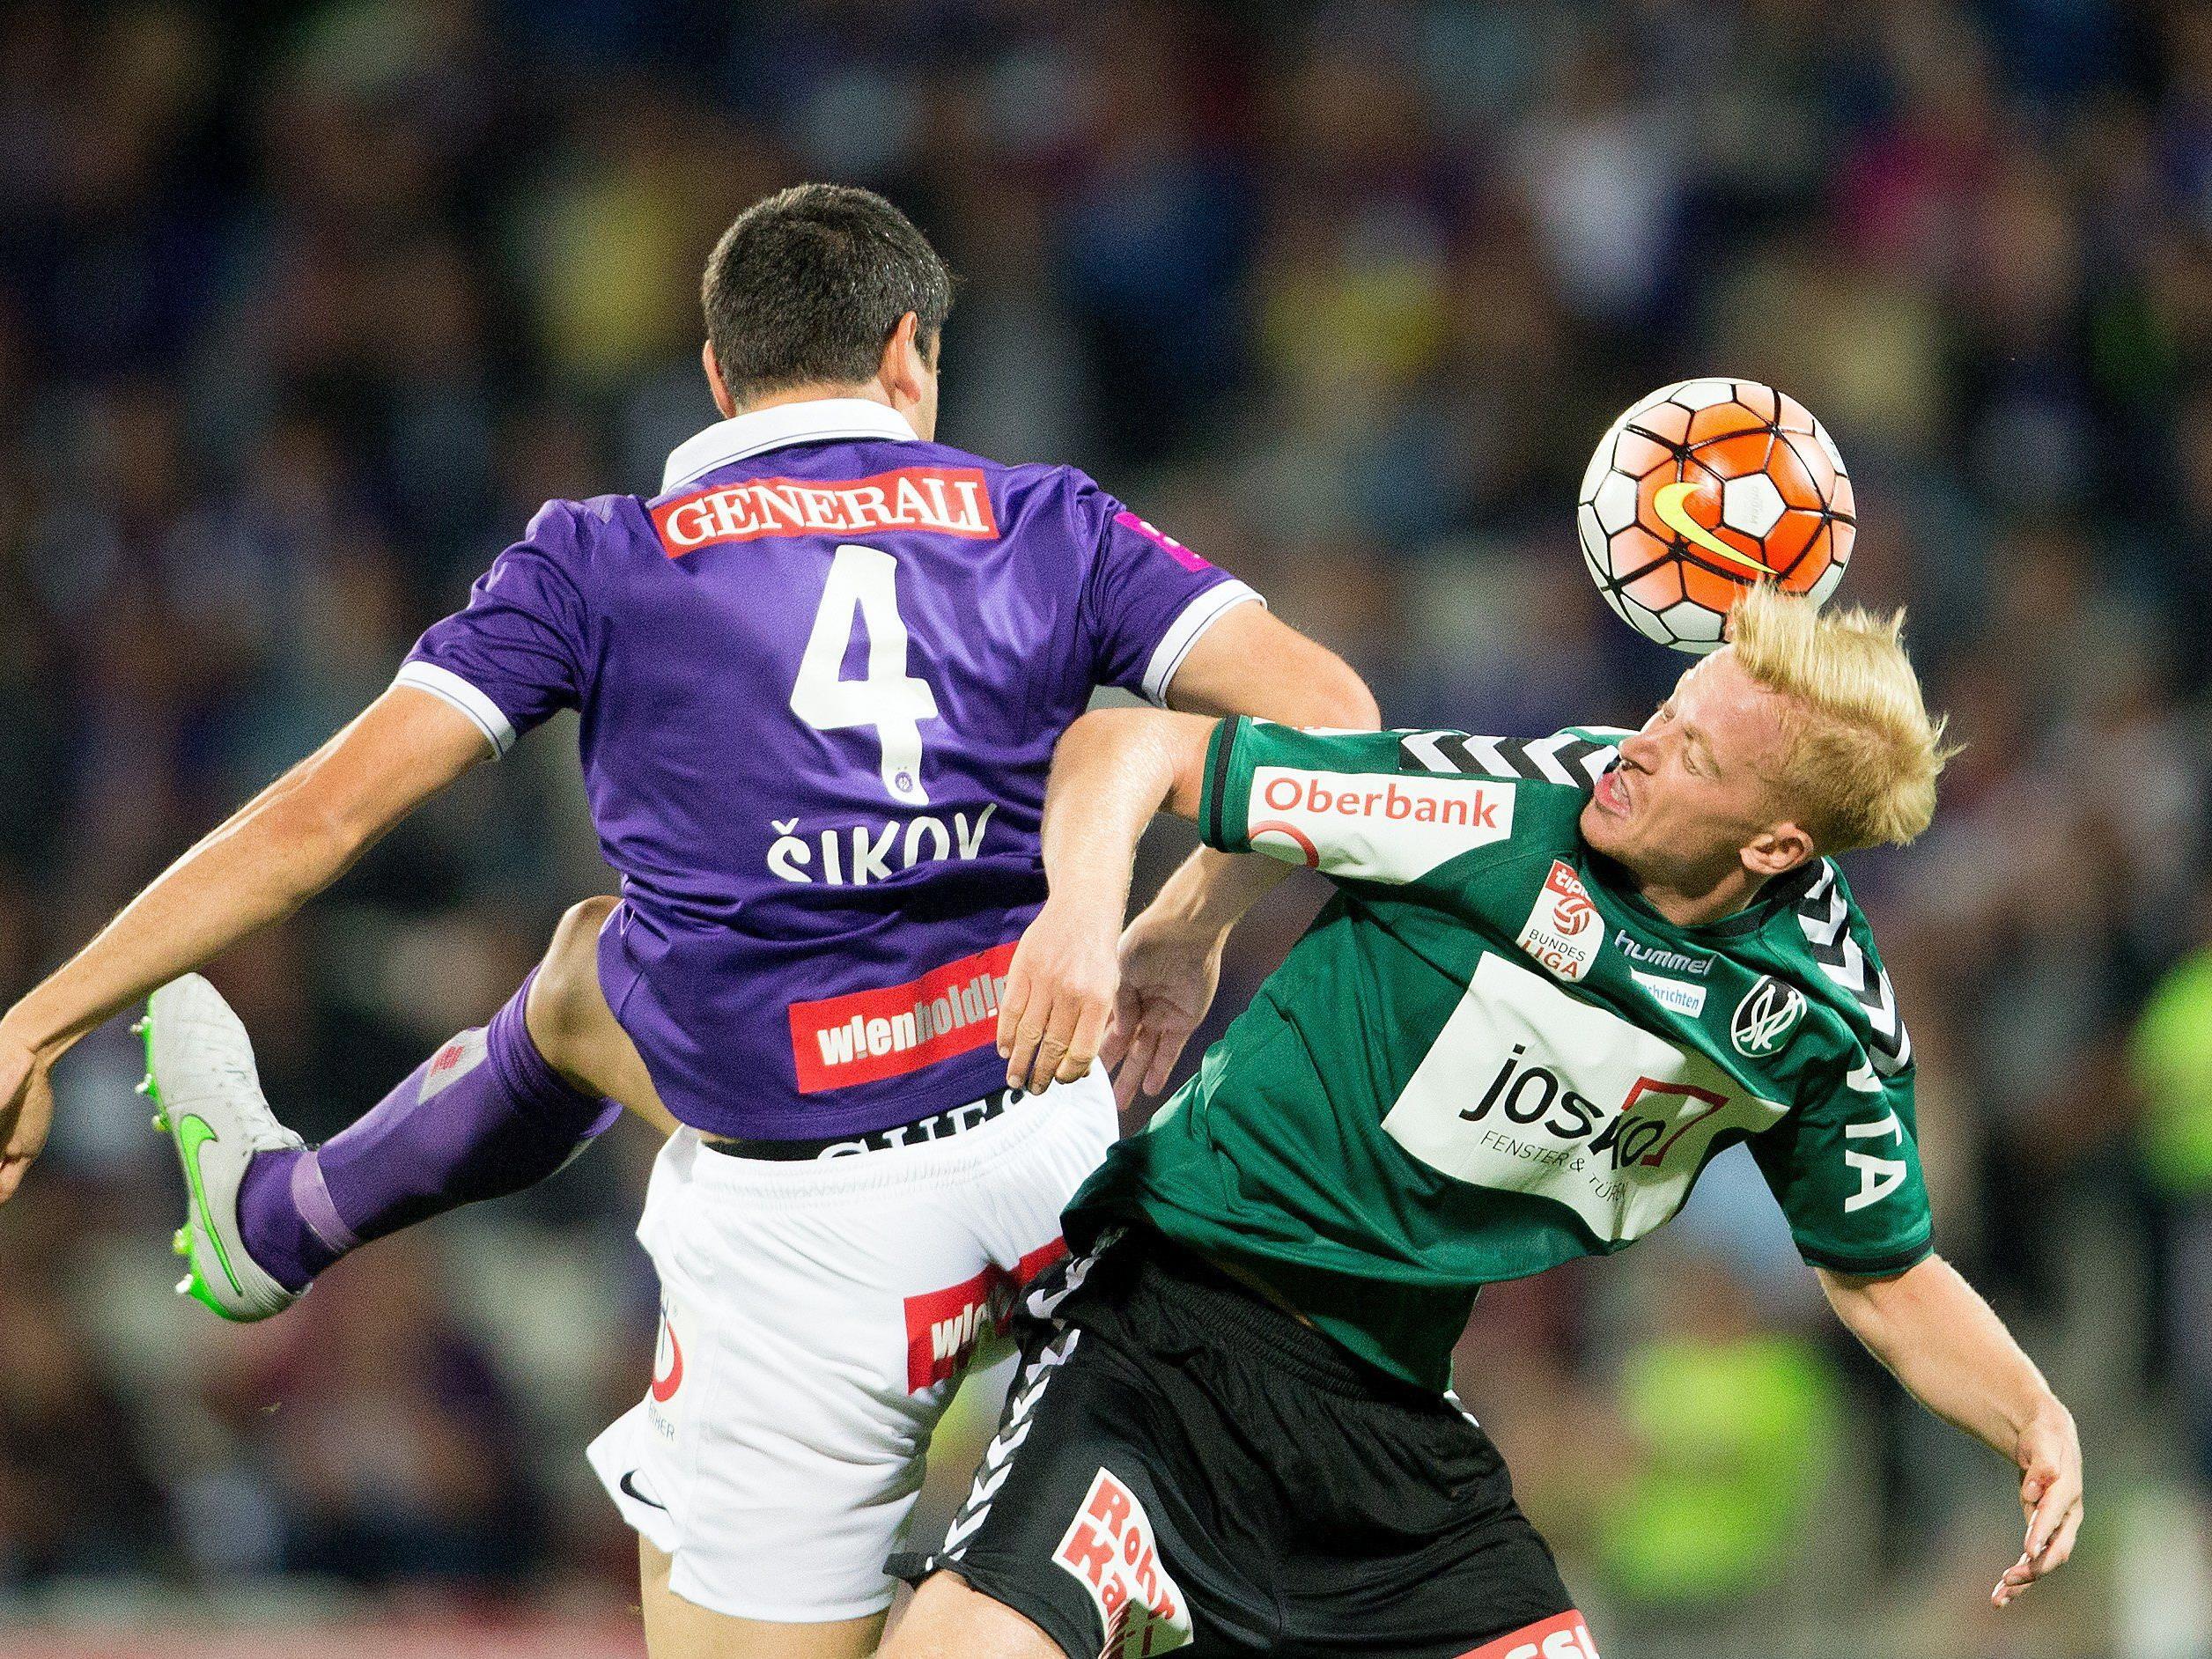 LIVE-Ticker zum Spiel SV Ried gegen FK Austria Wien ab 16.30 Uhr.